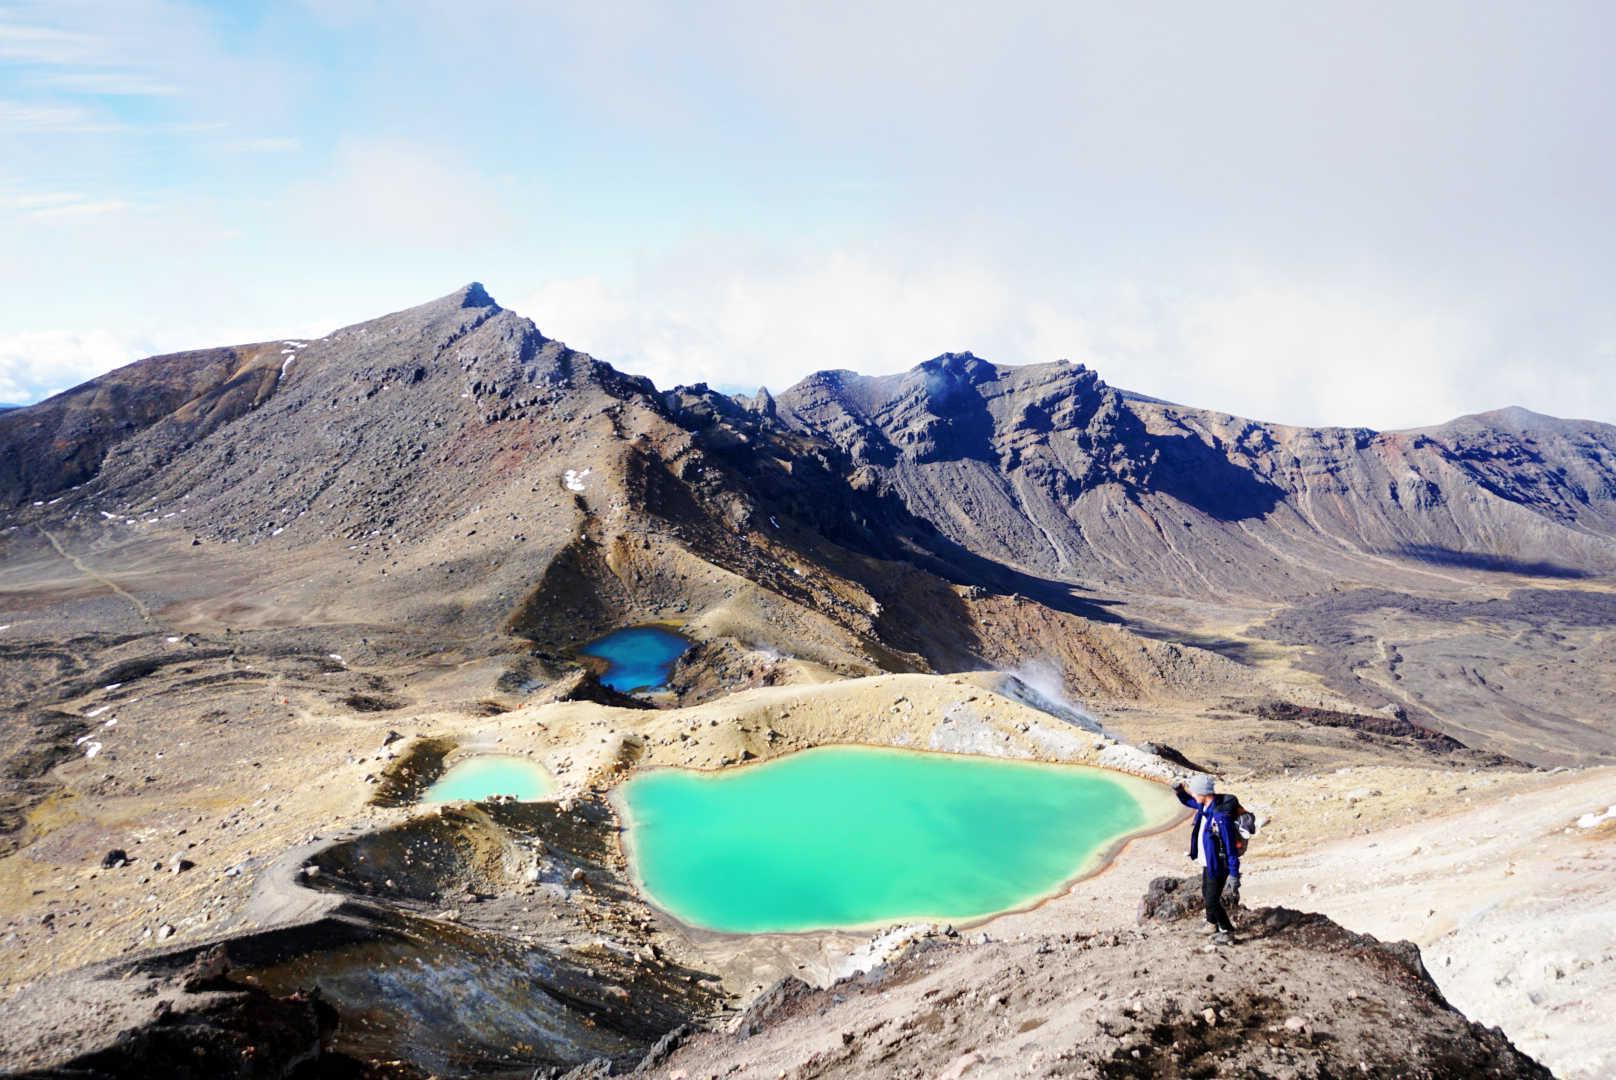 3 - Tongariro Alpine Crossing